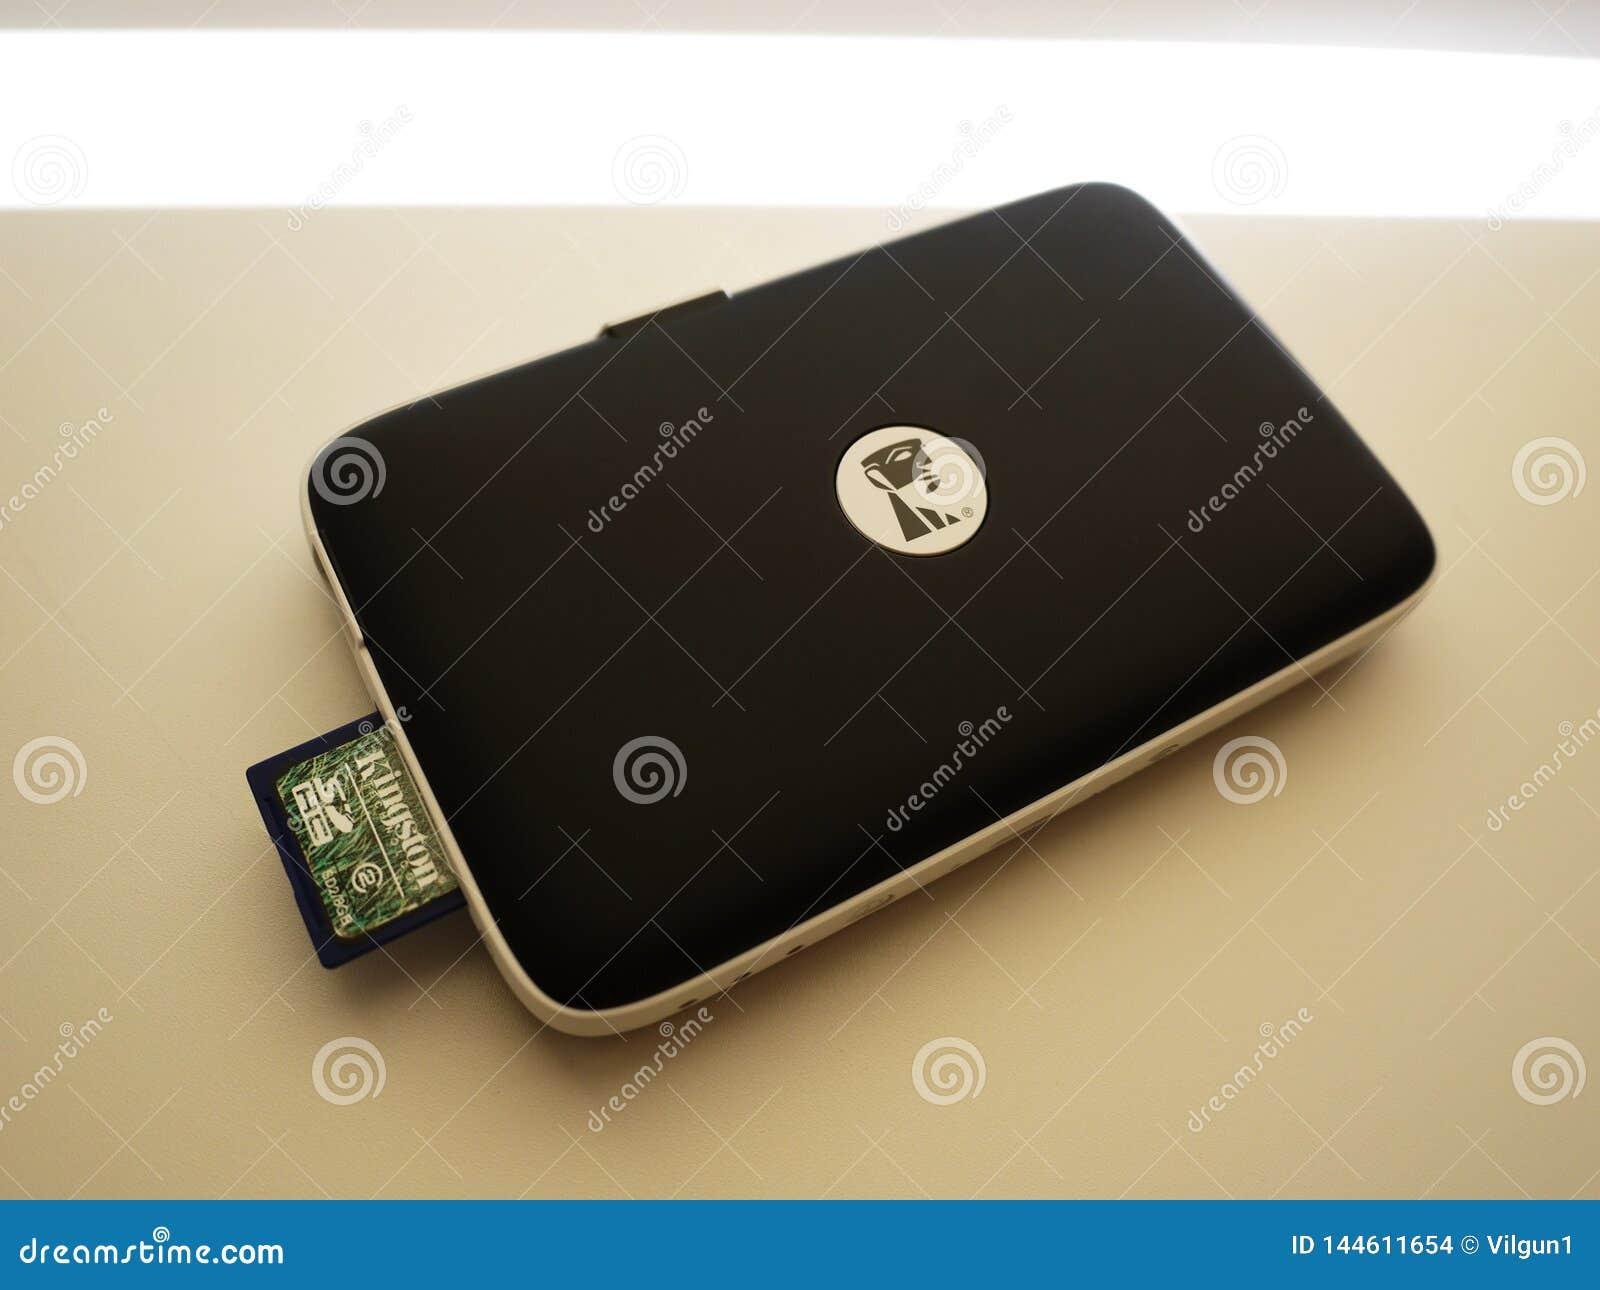 USB b?ysku przeja?d?ka przechowa? tw?j multimedii kartoteki i dane zatrzymuje